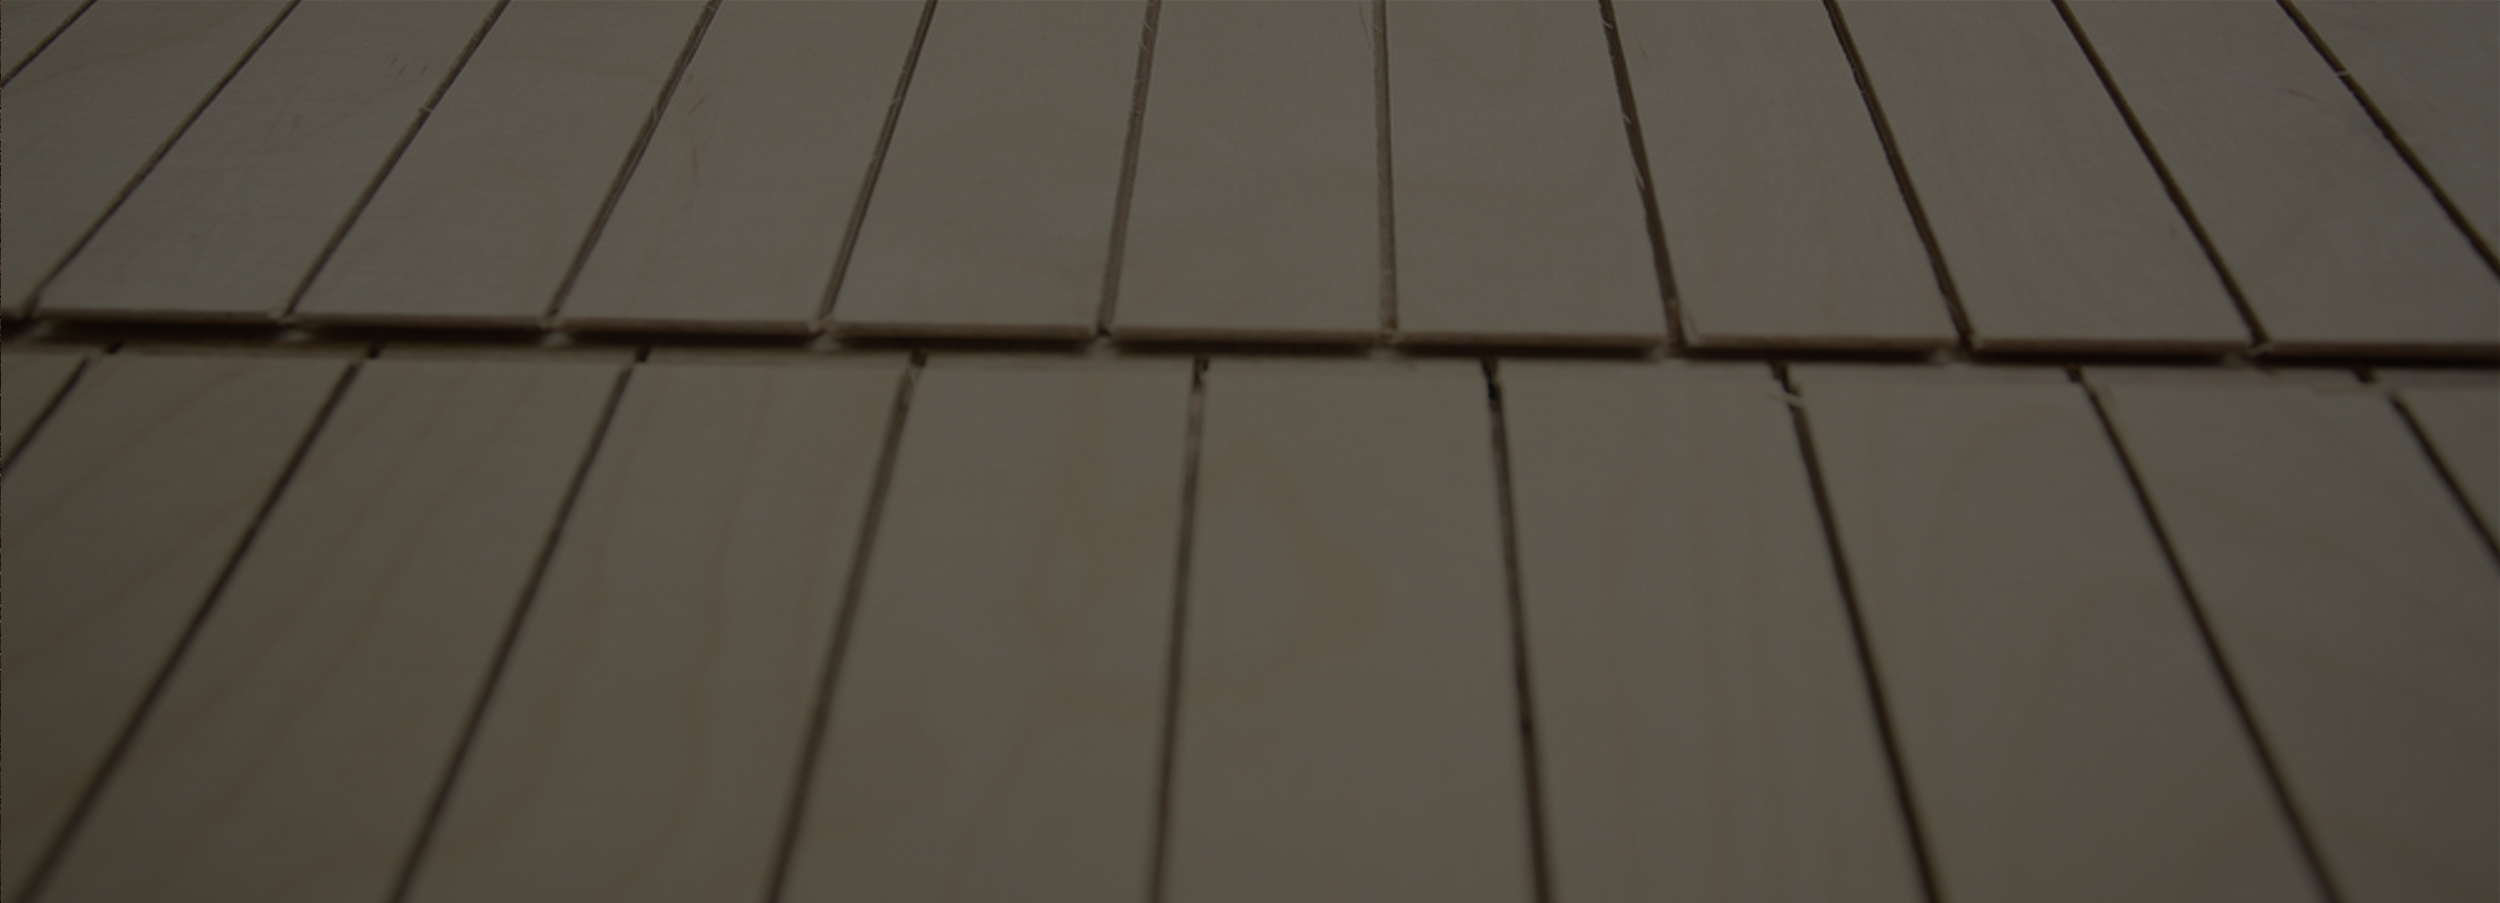 Produzione pavimenti stratificati in legno legno tecnika treviso - Produzione mobilifici treviso ...